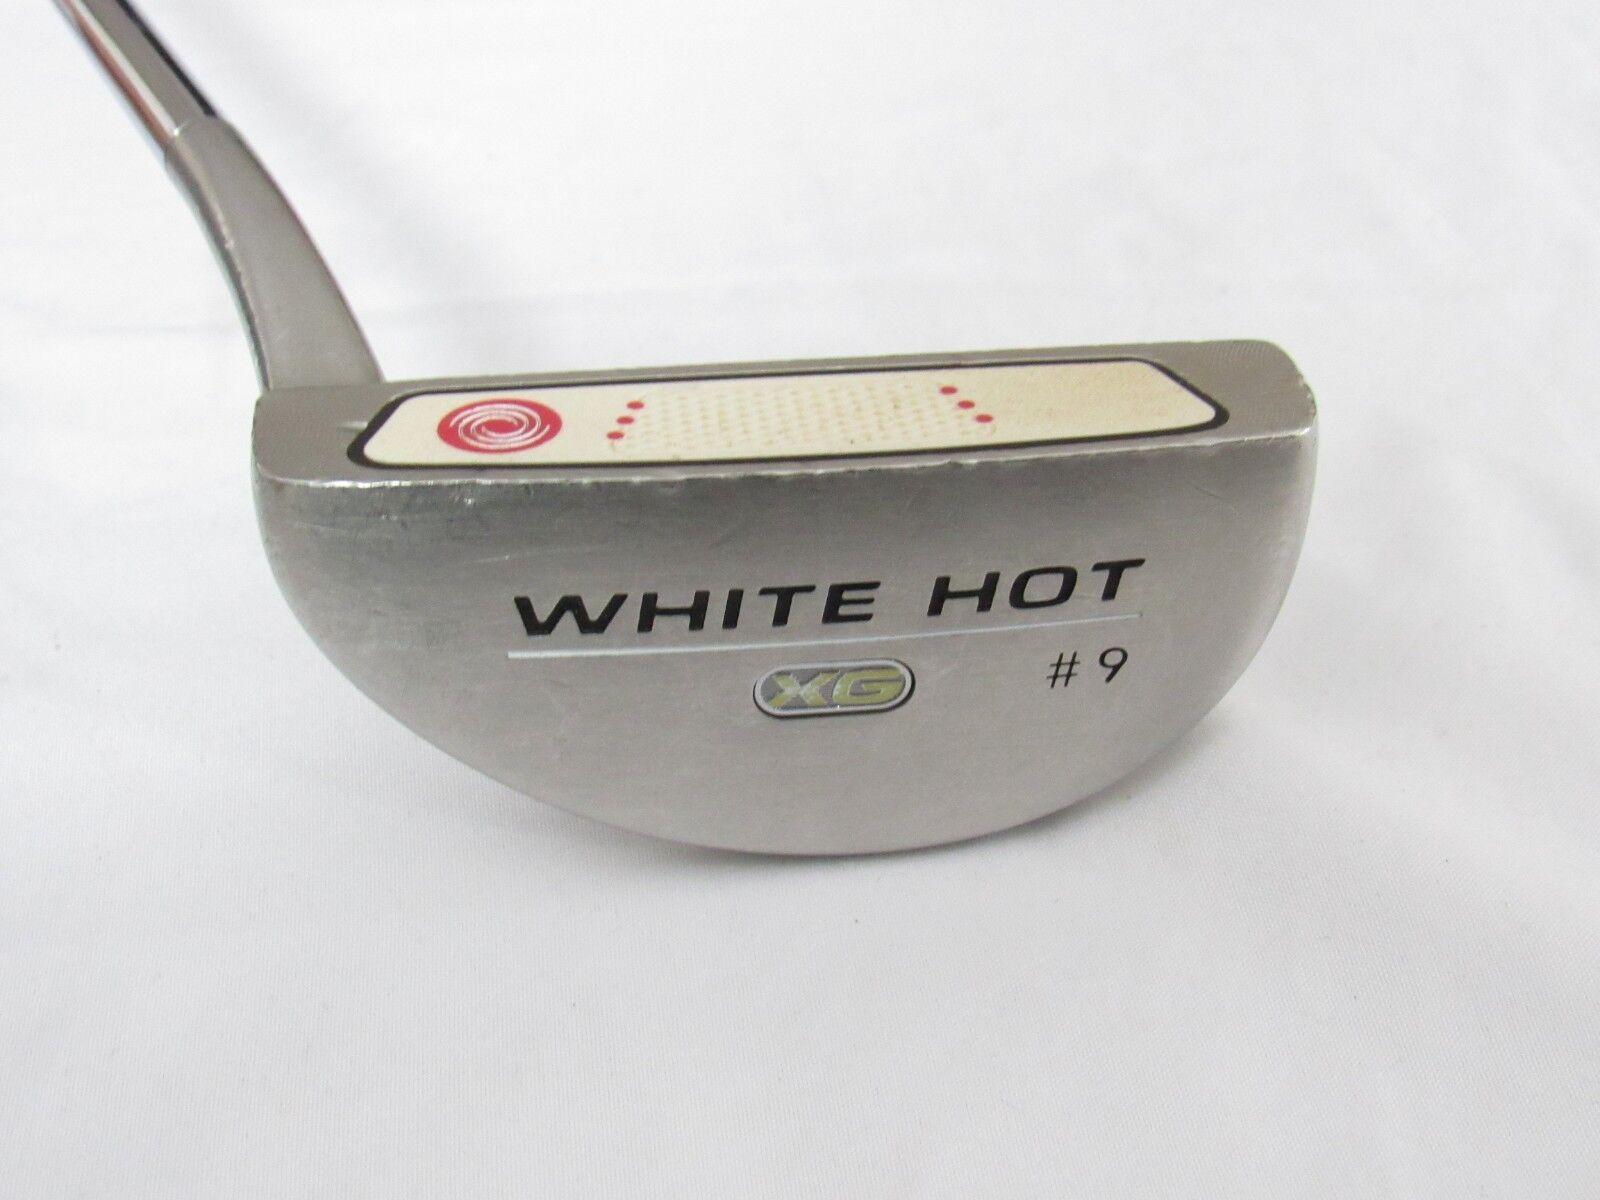 Utiliza LH odisea  blancoo Caliente XG 9 34  LH Putter  grandes precios de descuento